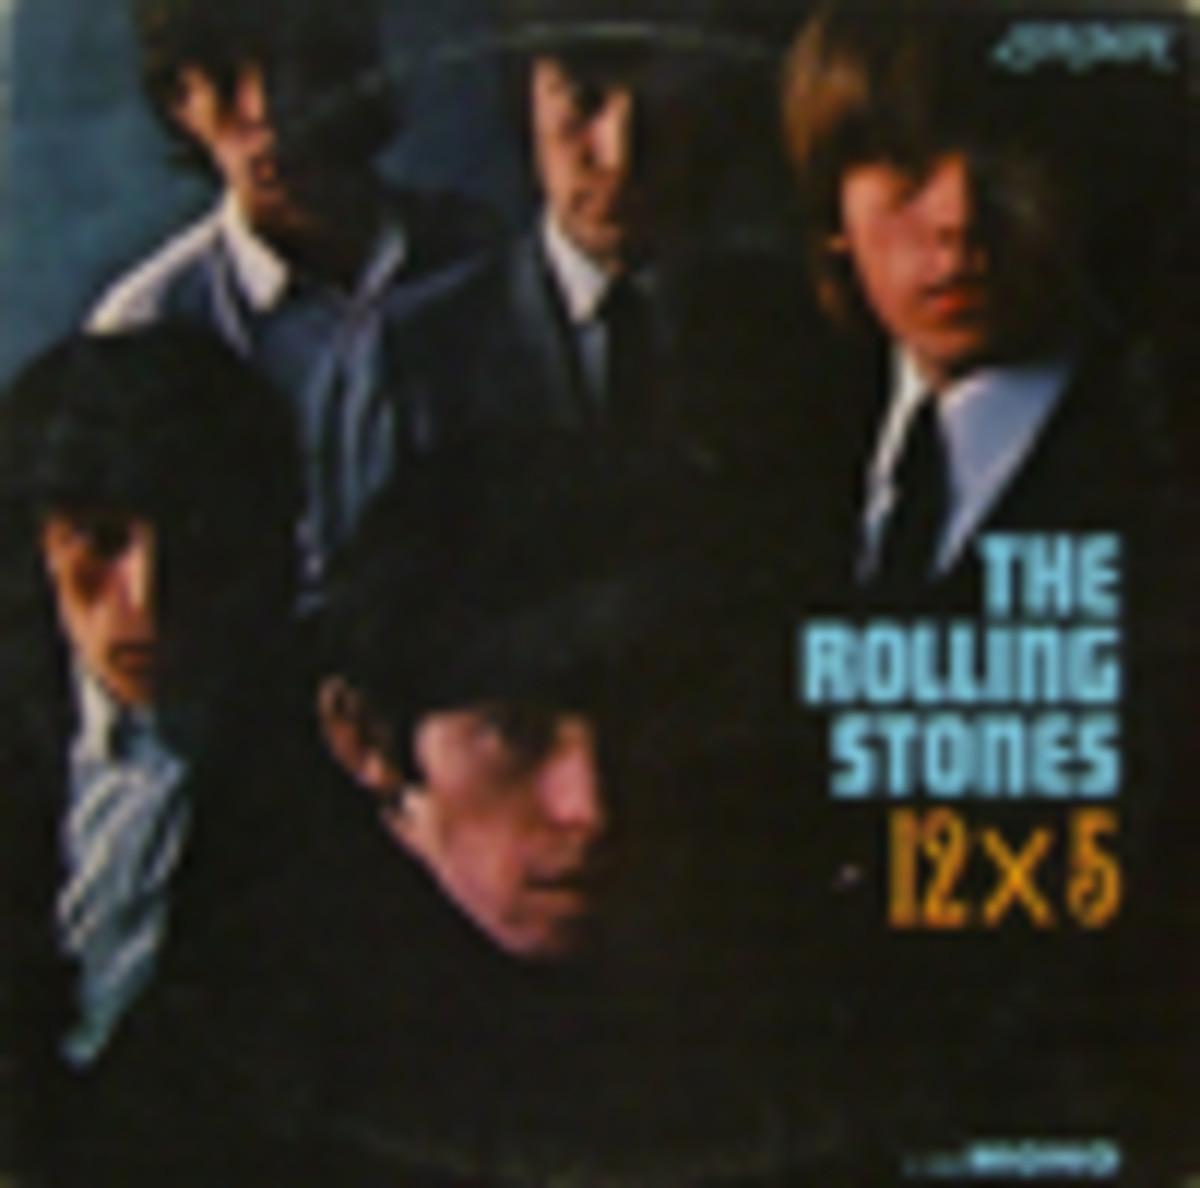 RollingStones_12x5